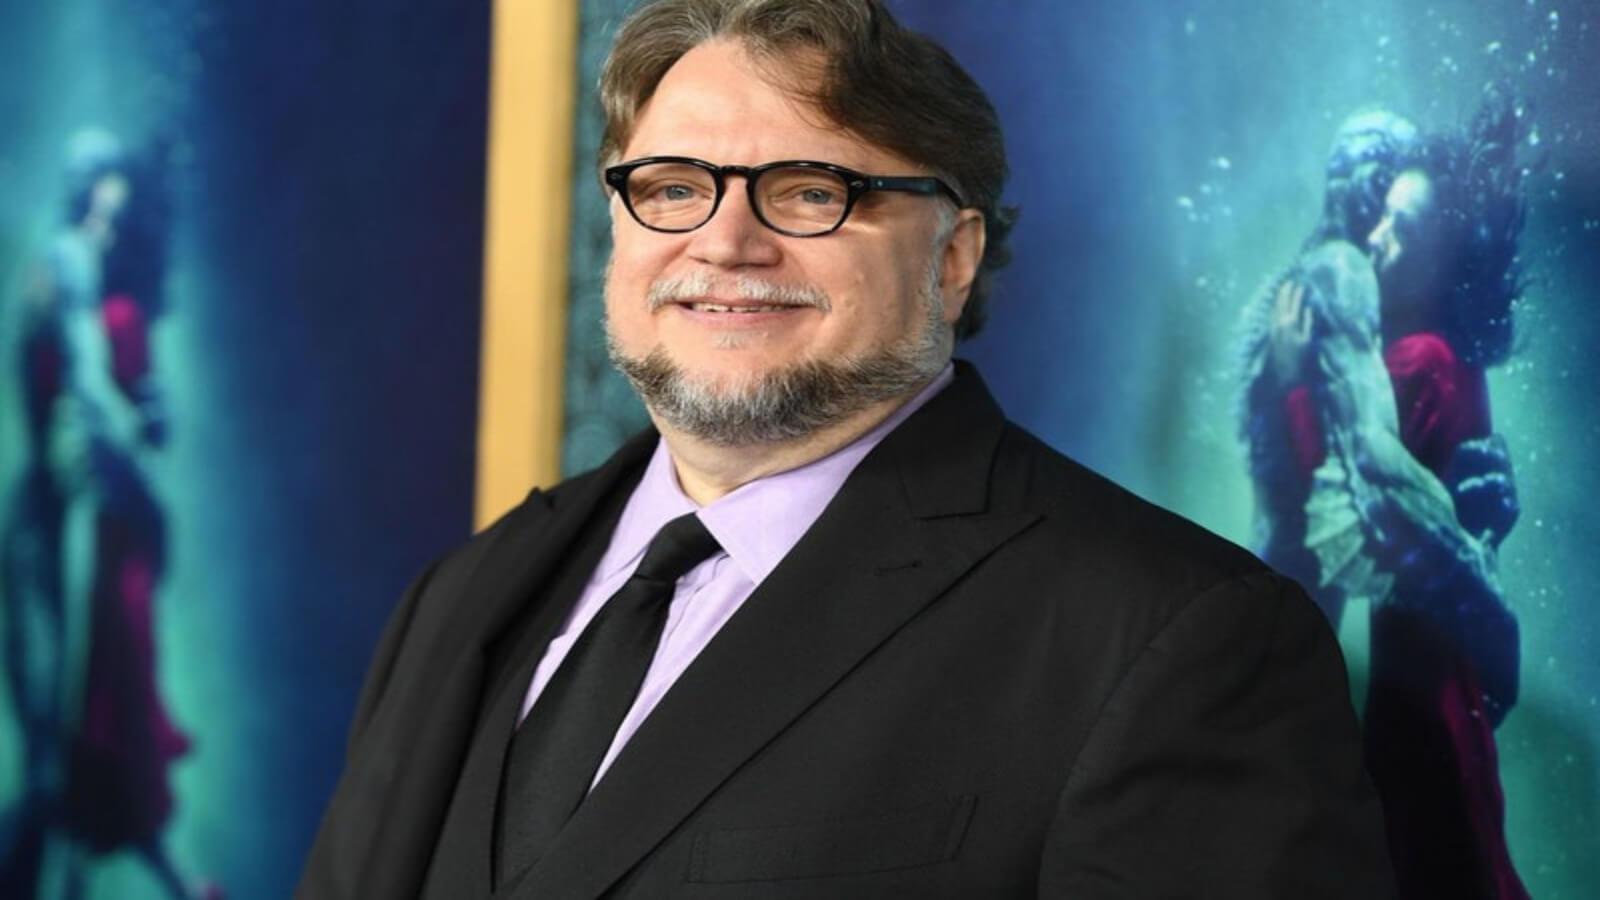 Habrá mas Memo del Toro en Netflix